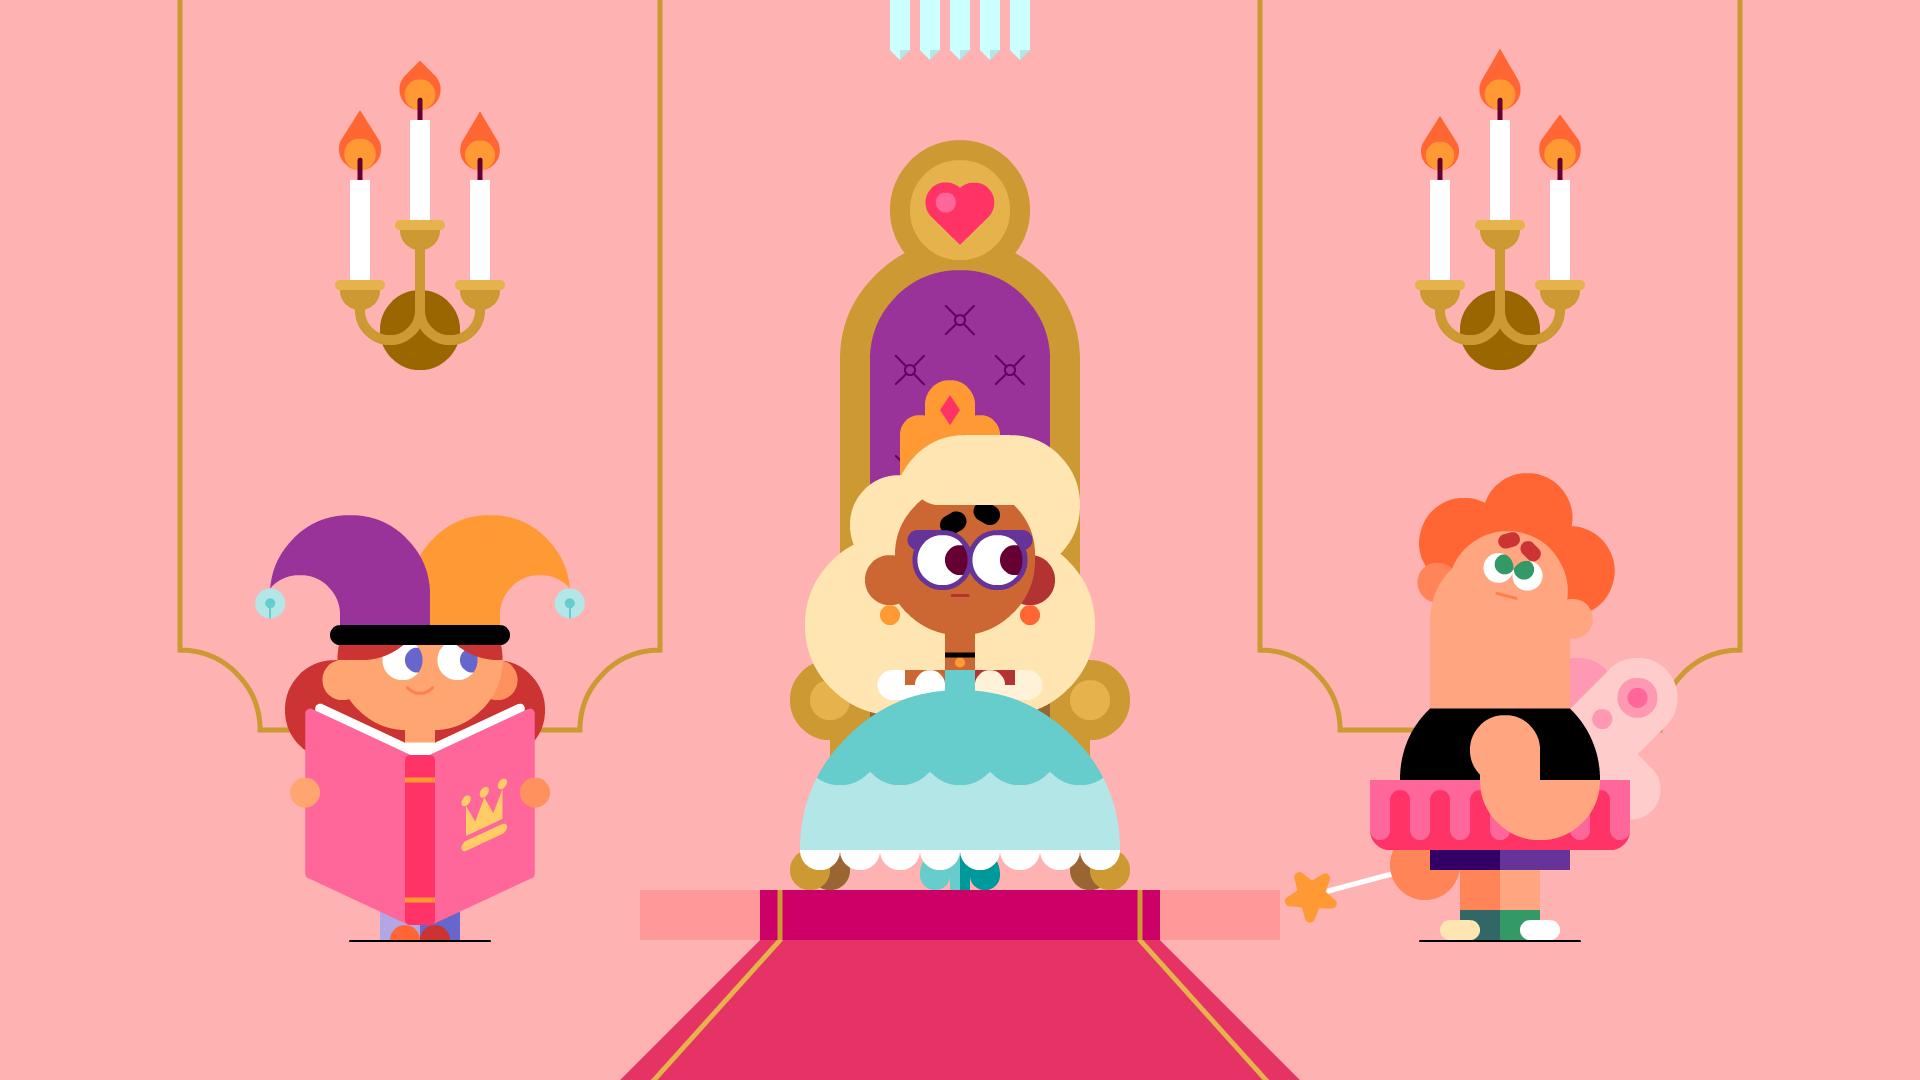 Princess_002.png